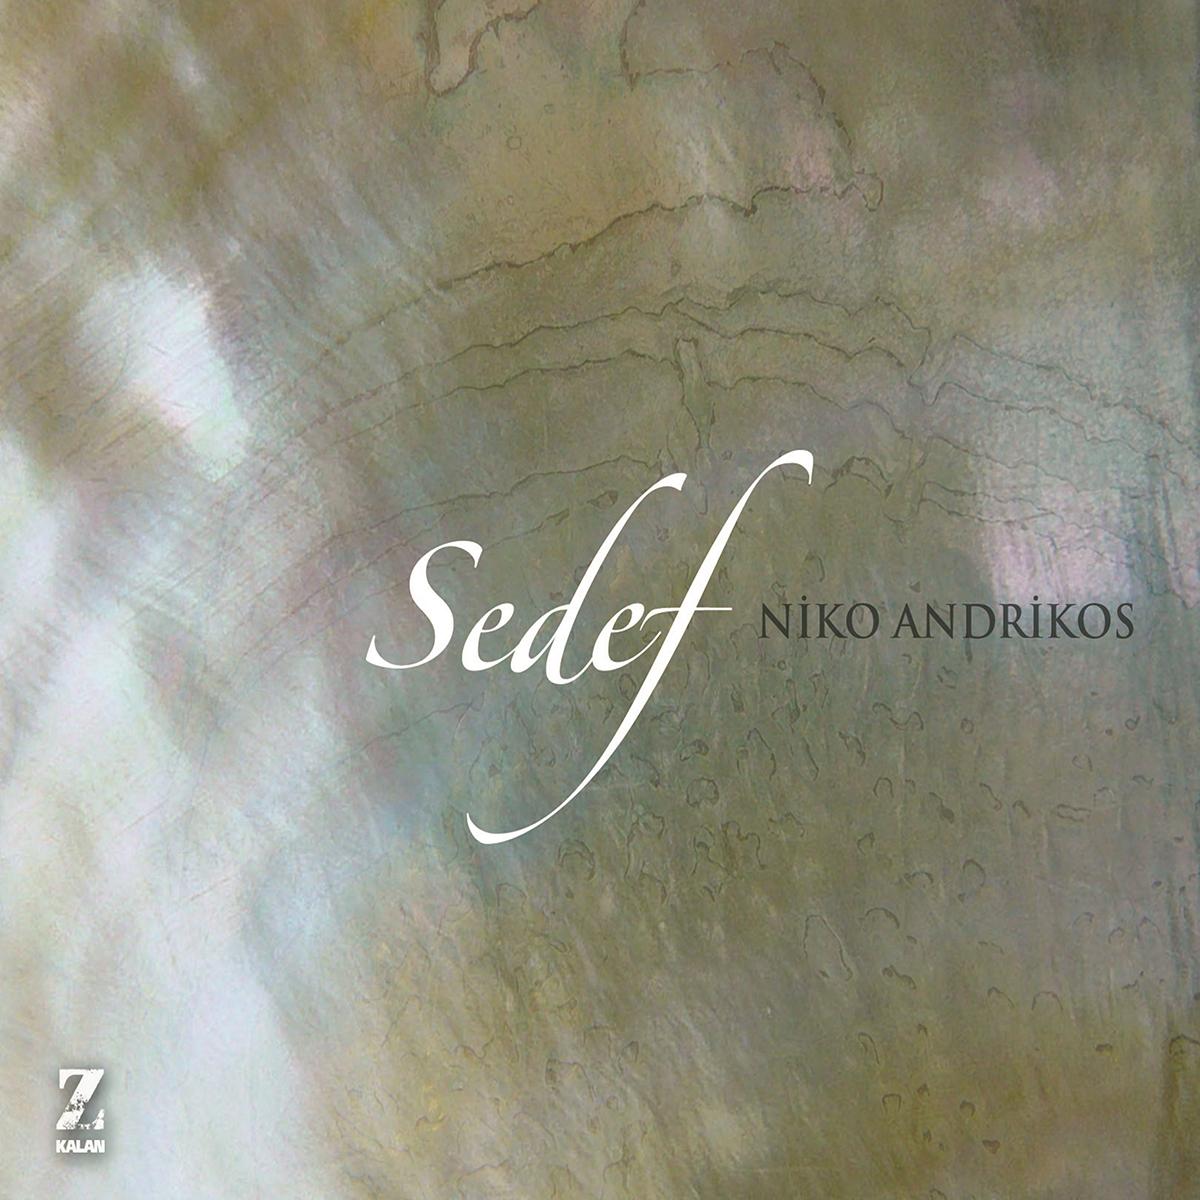 Sedef • Niko Andrikos